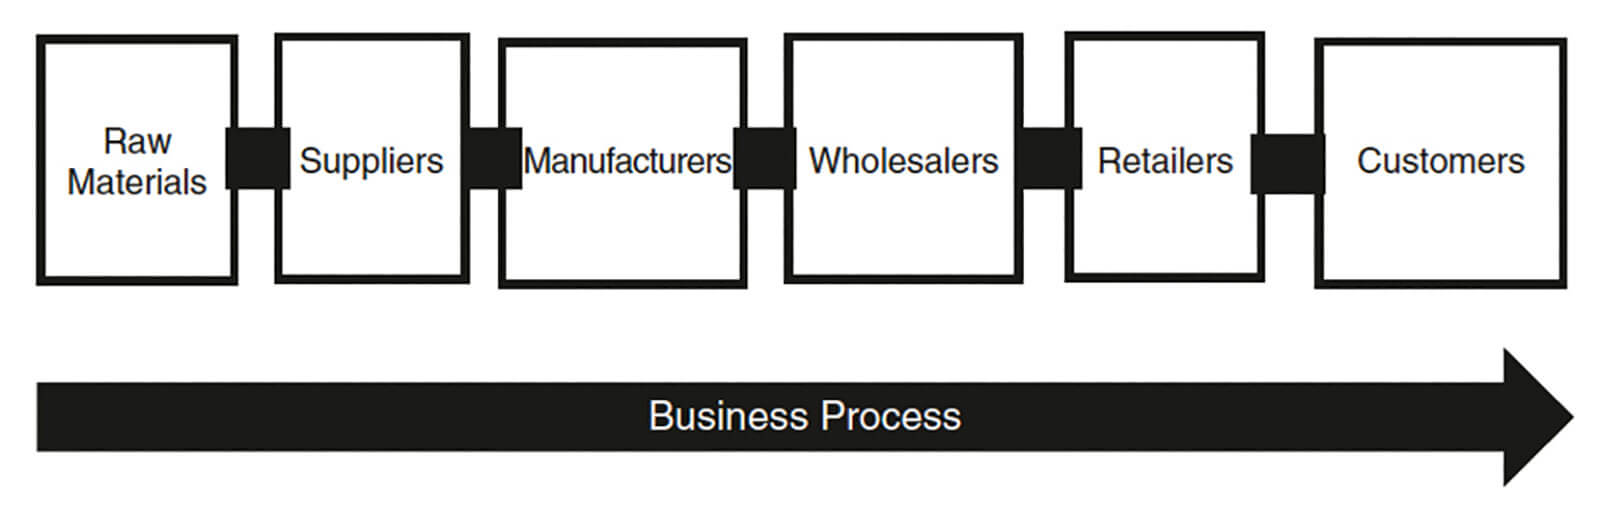 รูปที่ 2 การดำเนินธุรกิจในรูปแบบ one-sided business ที่มา : Choudary, S.P. (2015) Platform Scale: How a new breed of start-ups is building large empires with minimum investment. Boston: Platform Thinking Labs.